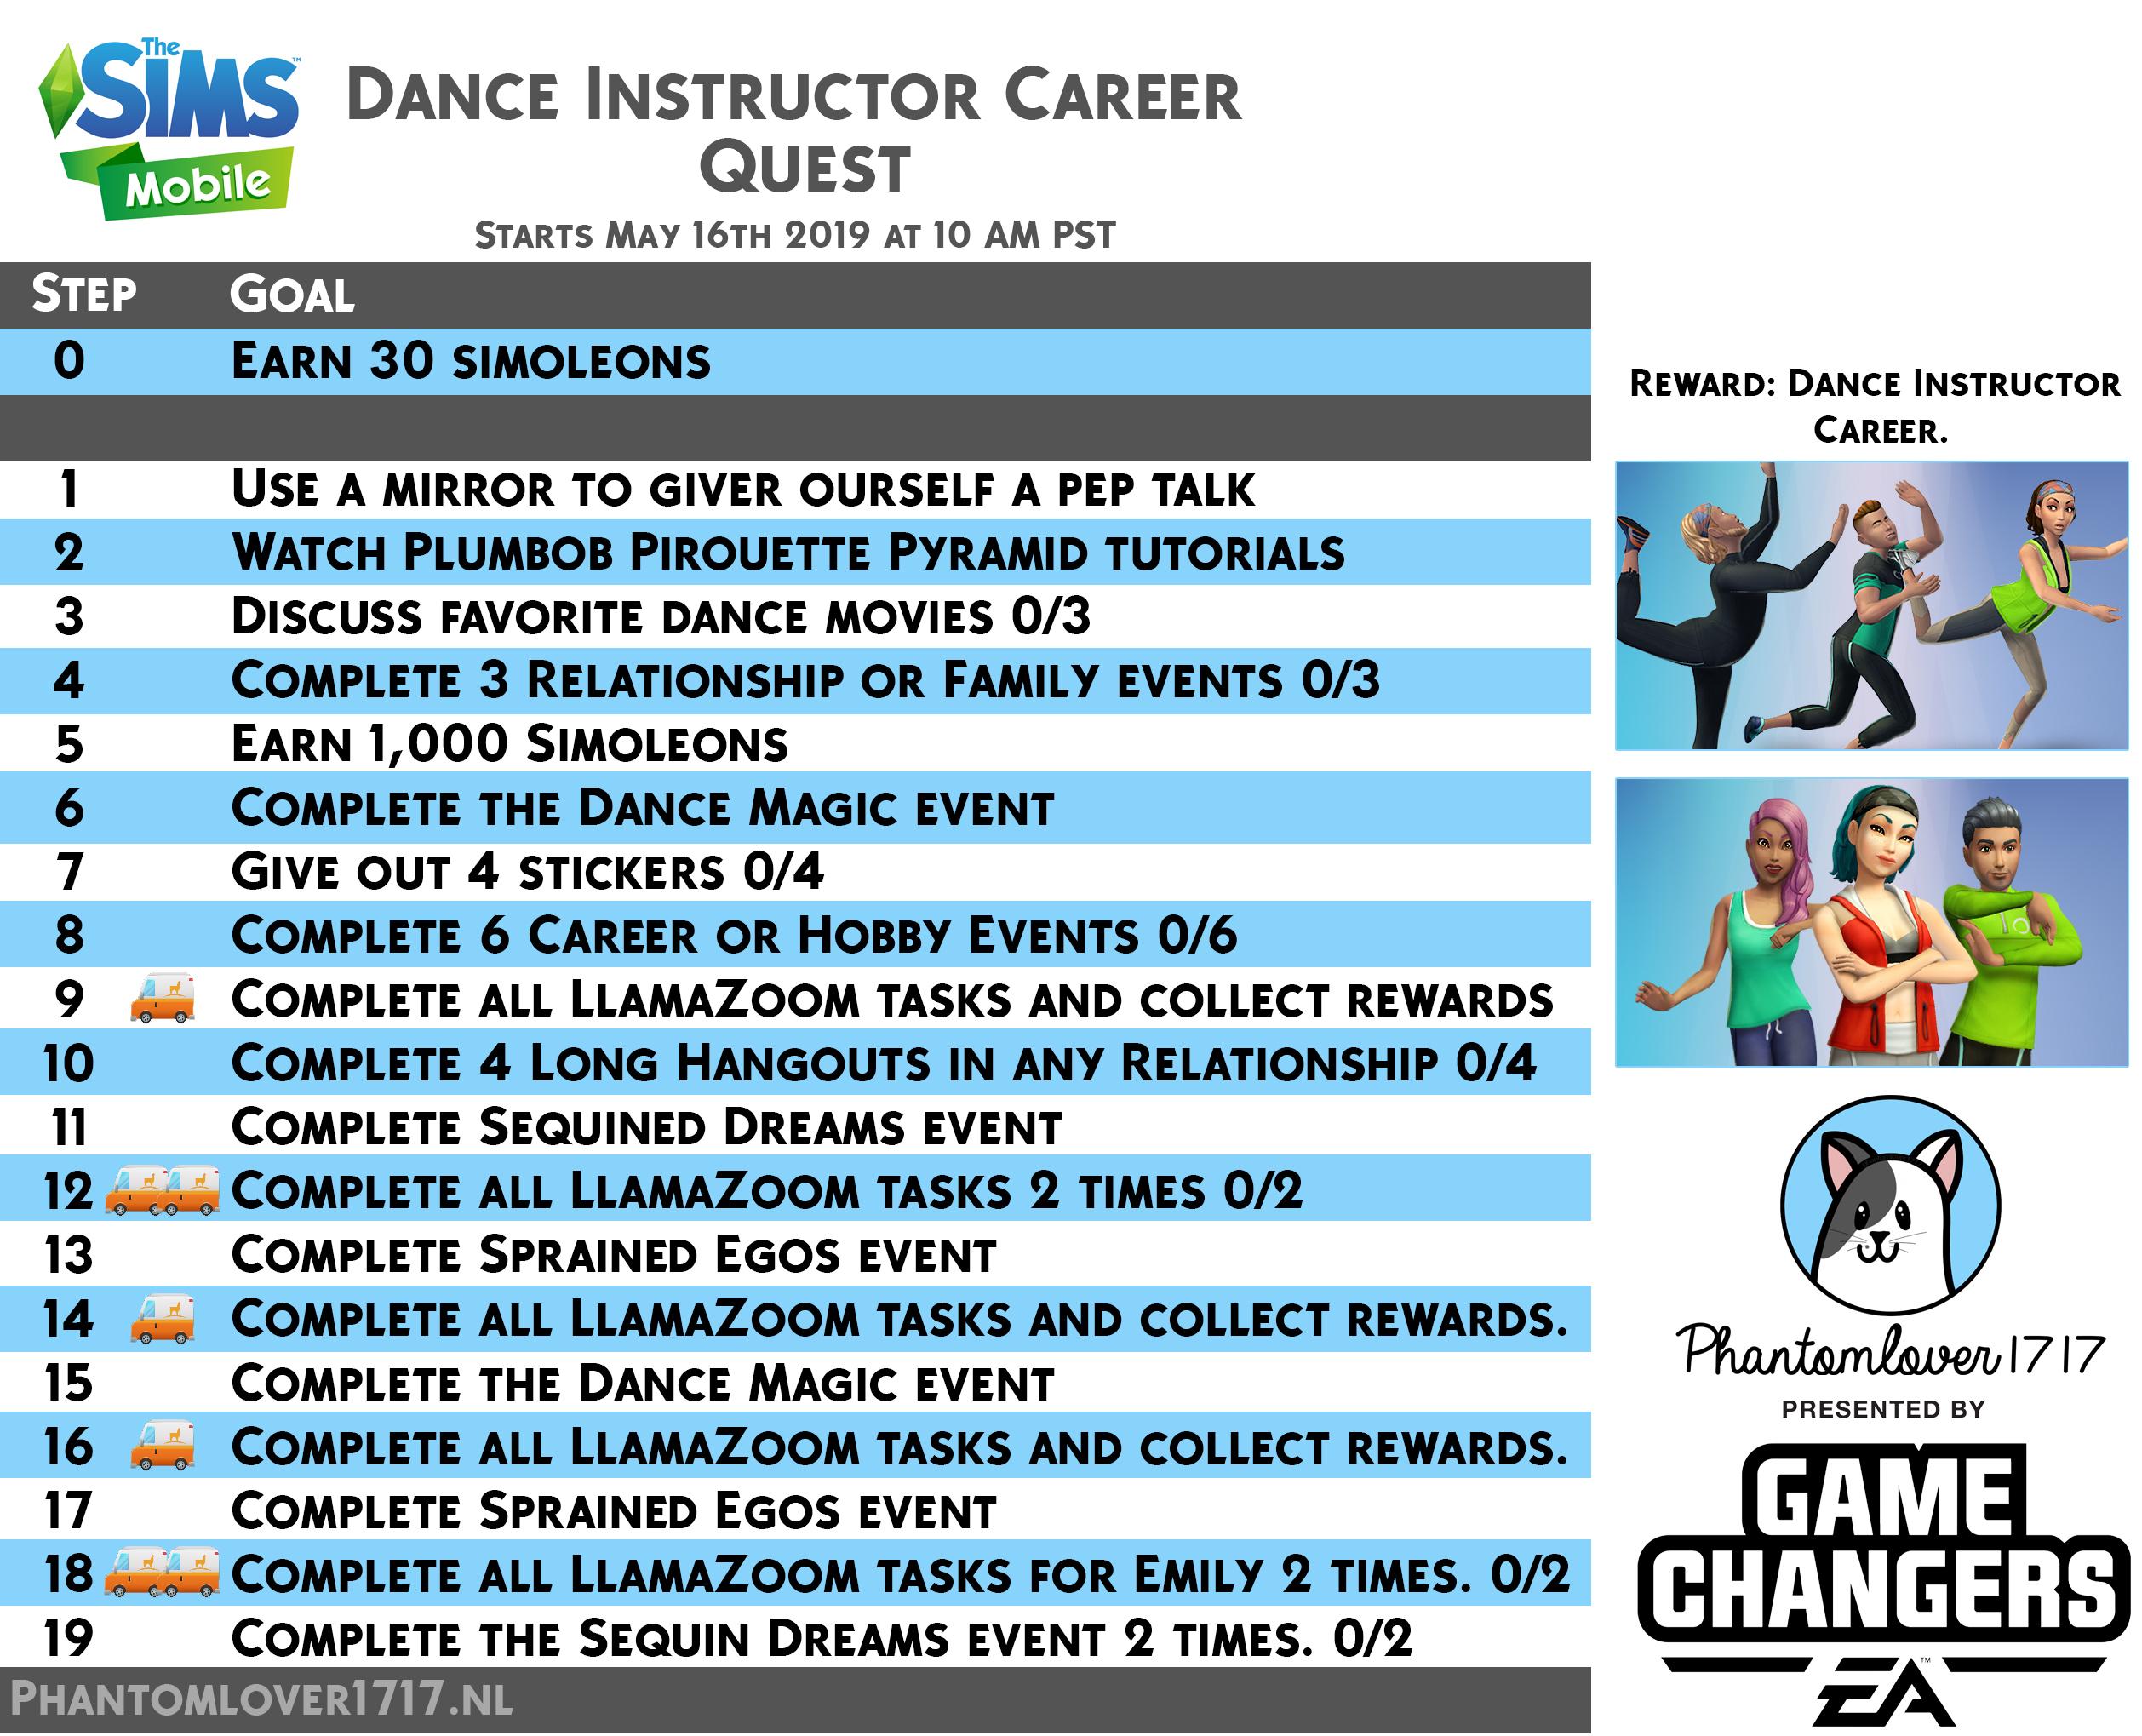 Danceinstructor.jpg